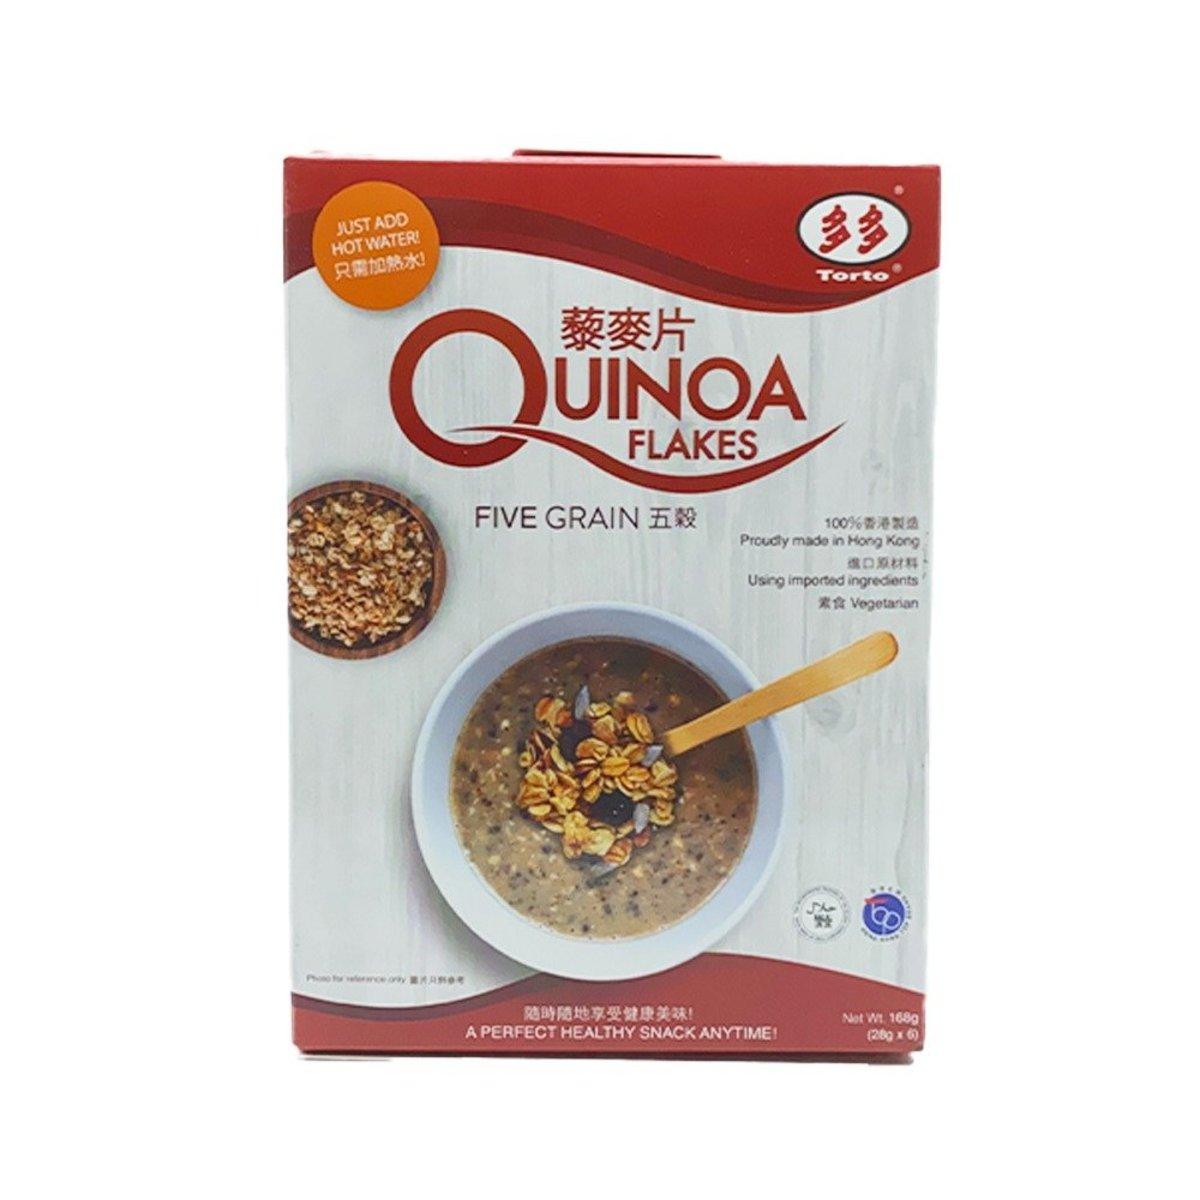 Five Grain Quinoa Flakes 168g